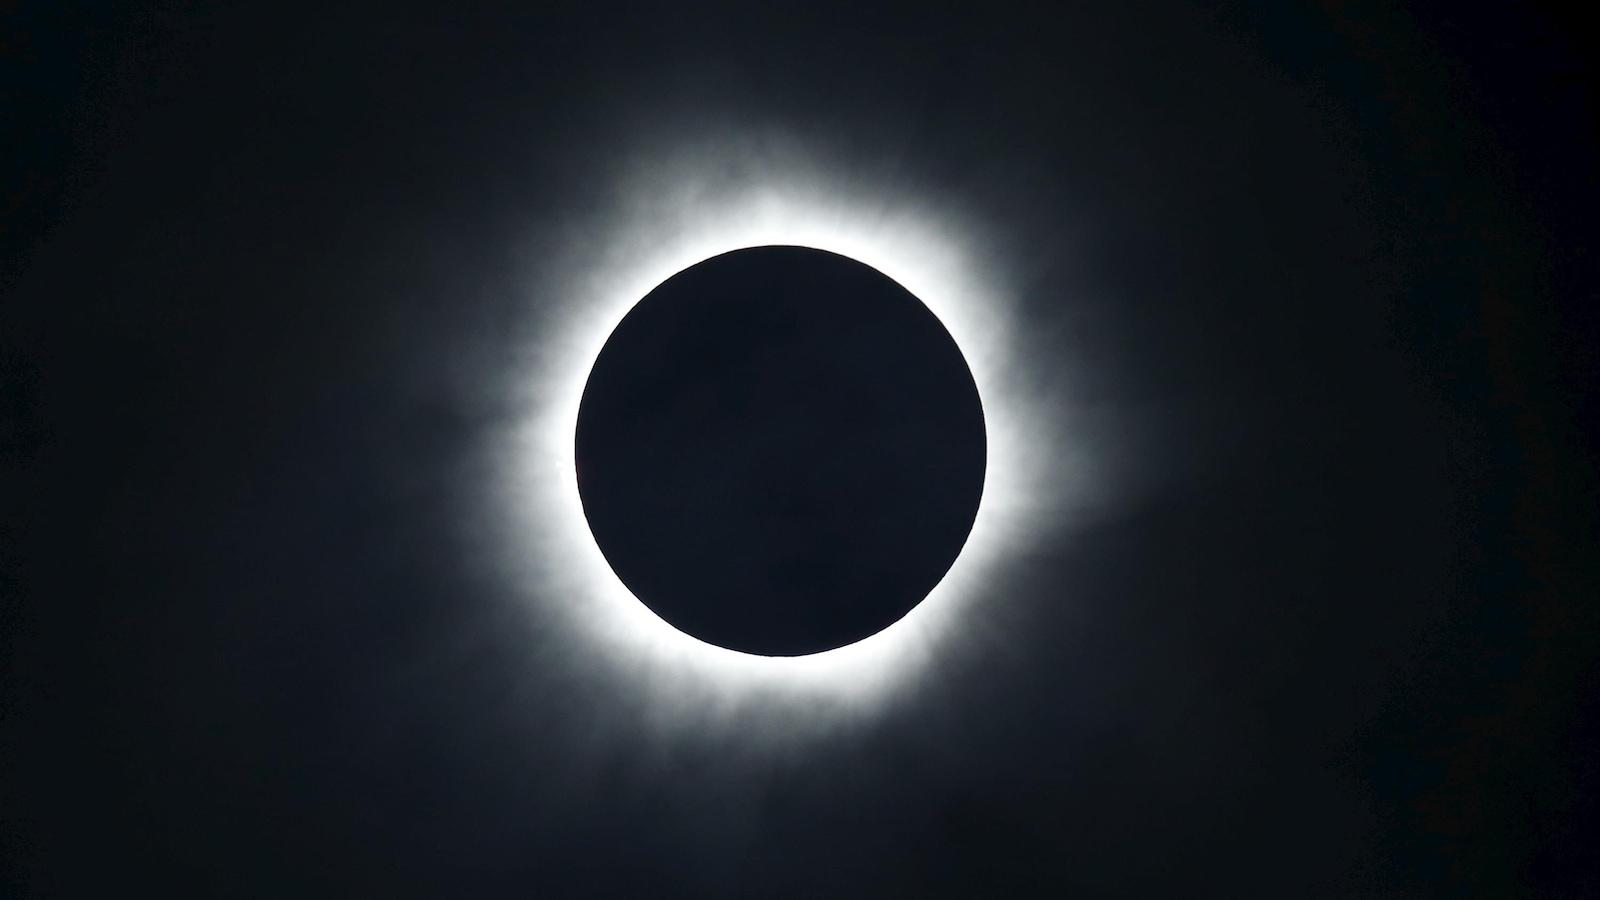 Une éclipse totale de Soleil telle que captée par le photographe Beawiharta sur la plage de Ternate, en Indonésie, le 9 mars 2016.